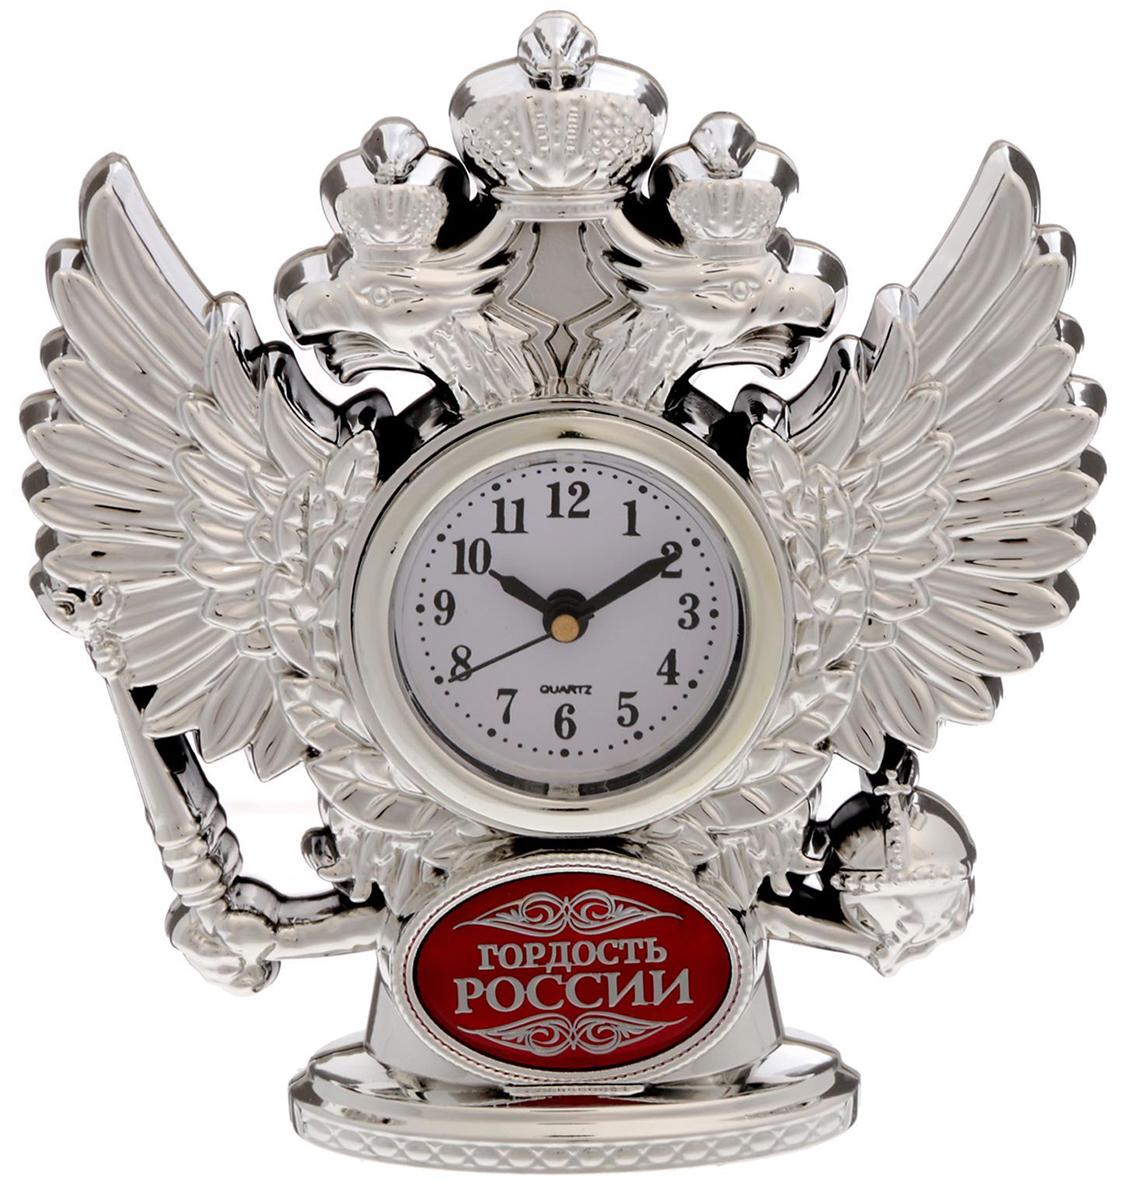 Часы настольные Гордость России, 11 х 12 см. 16929181692918Изделие созданоы для истинных патриотов с твёрдым характером. Двуглавый орёл, словно стоит на страже вашего времени, обрамляя циферблат и придавая предмету статусный облик. Изделие прекрасно дополнит письменный стол или стеллаж в кабинете, ведь это не просто часы, но и стильная статуэтка. На обратной стороне вы найдёте мотивирующую на покорение всего мира надпись! Инструкция Аккуратно достаньте механизм с циферблатом из корпуса. Установите время с помощью колёсика. Вставьте механизм обратно. Часы работают от батареек AG 13. Сувенир преподносится в подарочной коробочке с прозрачным окном.